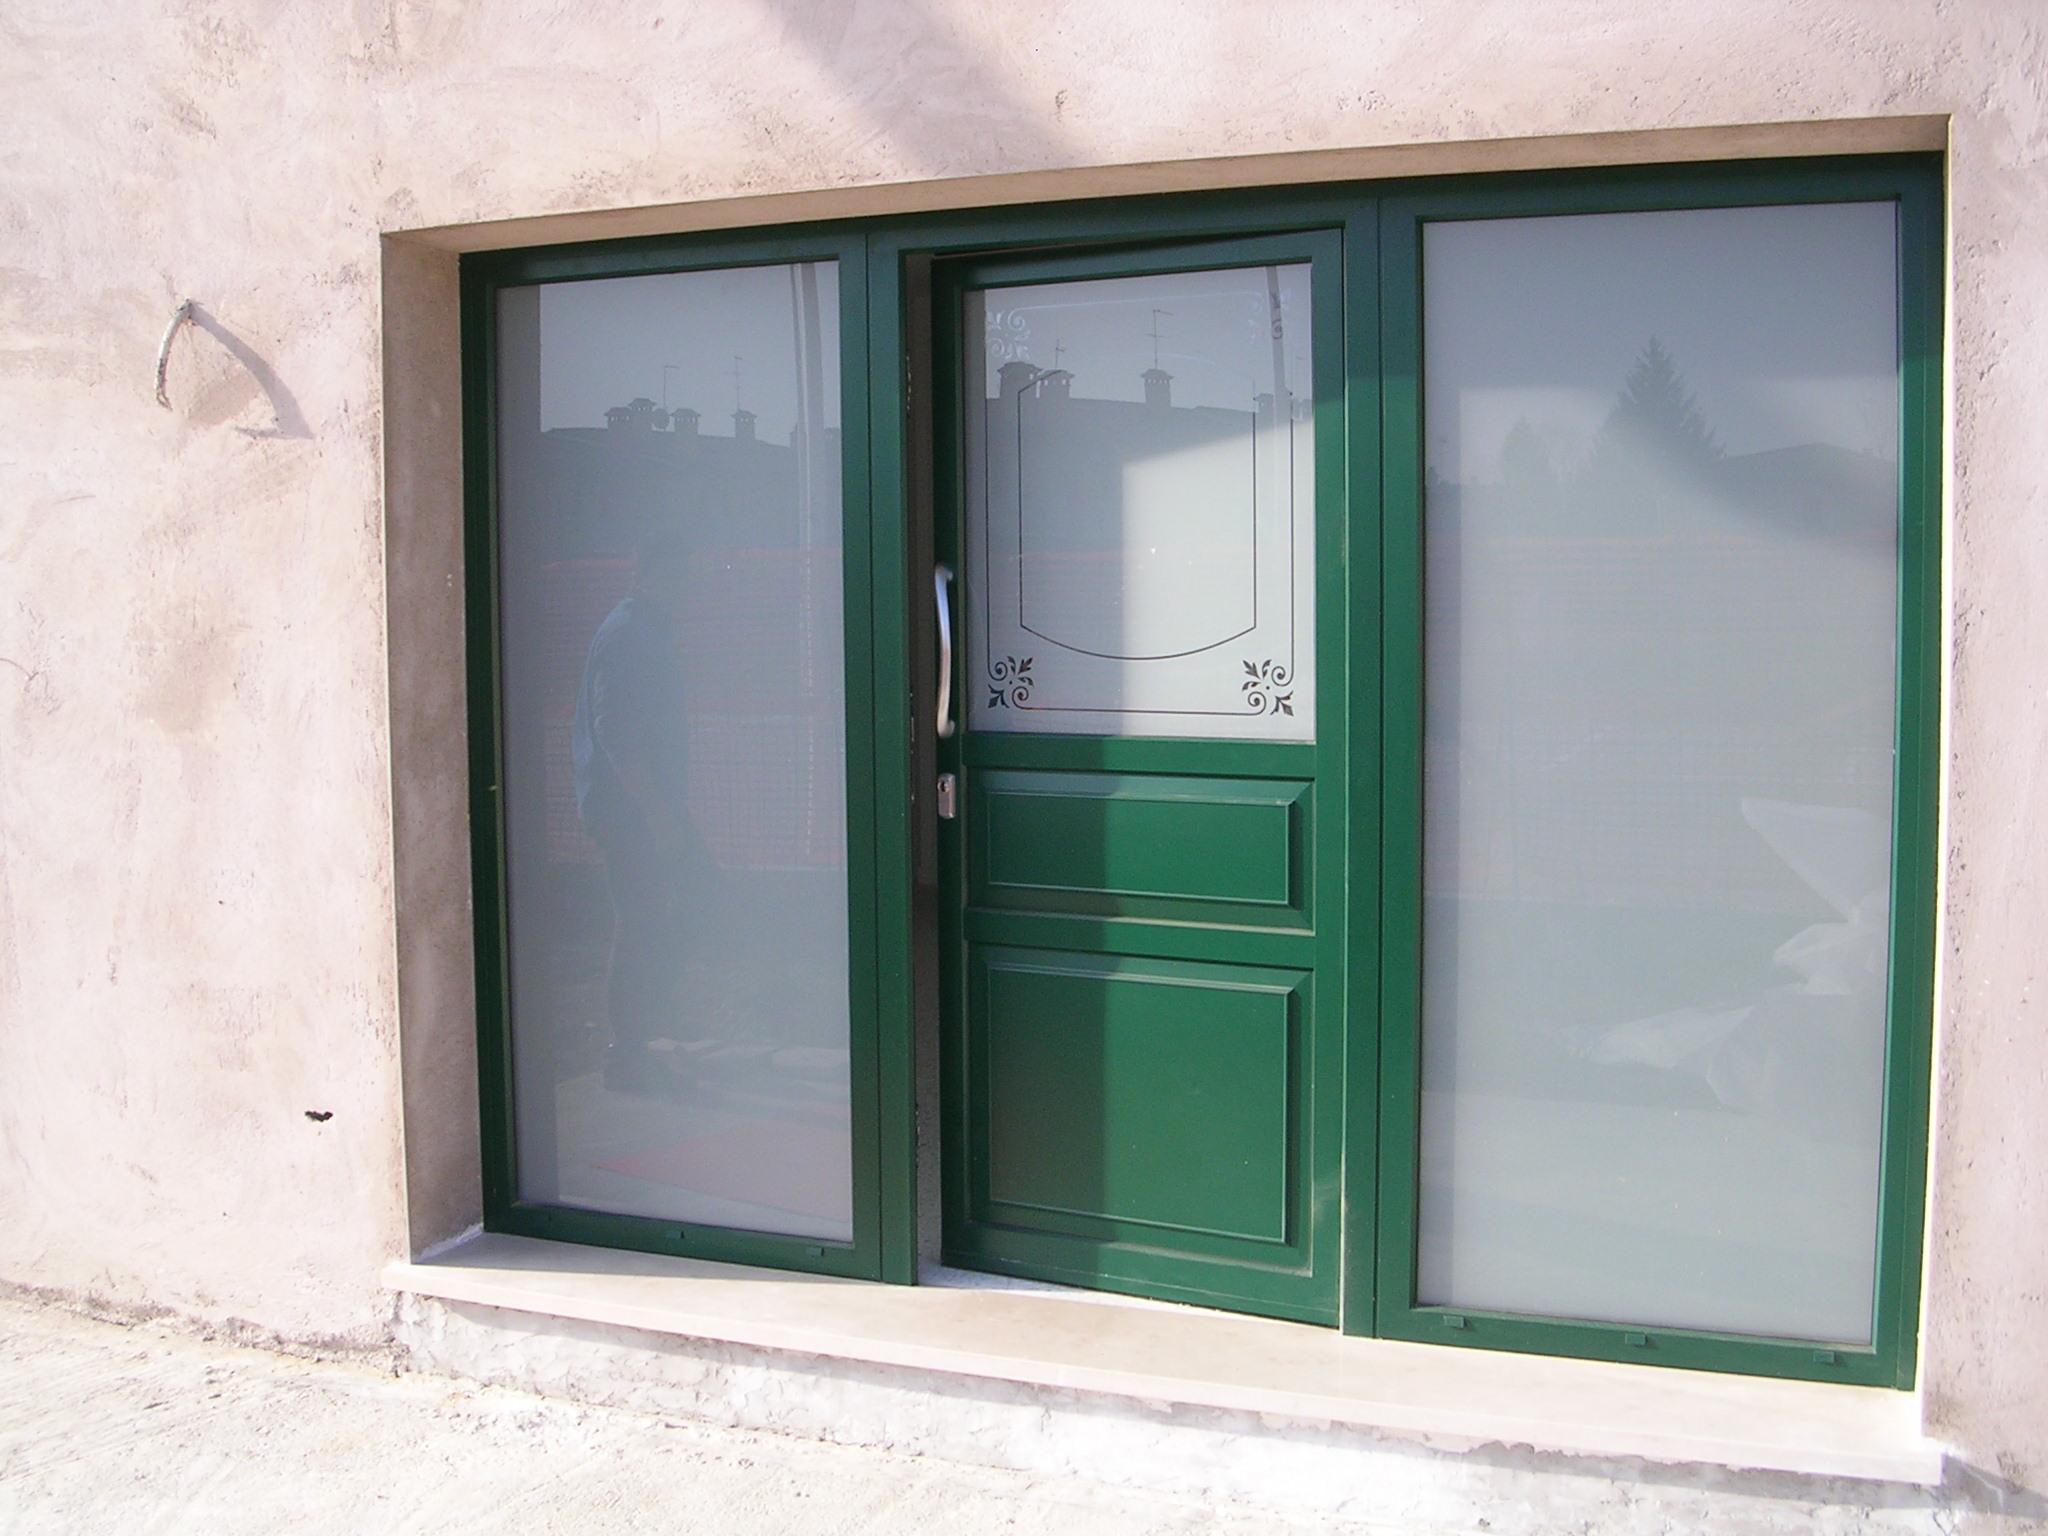 Portoncino modello toledo padova realizzazione porte finestre portoncini d 39 ingresso e - Modelli di finestre ...